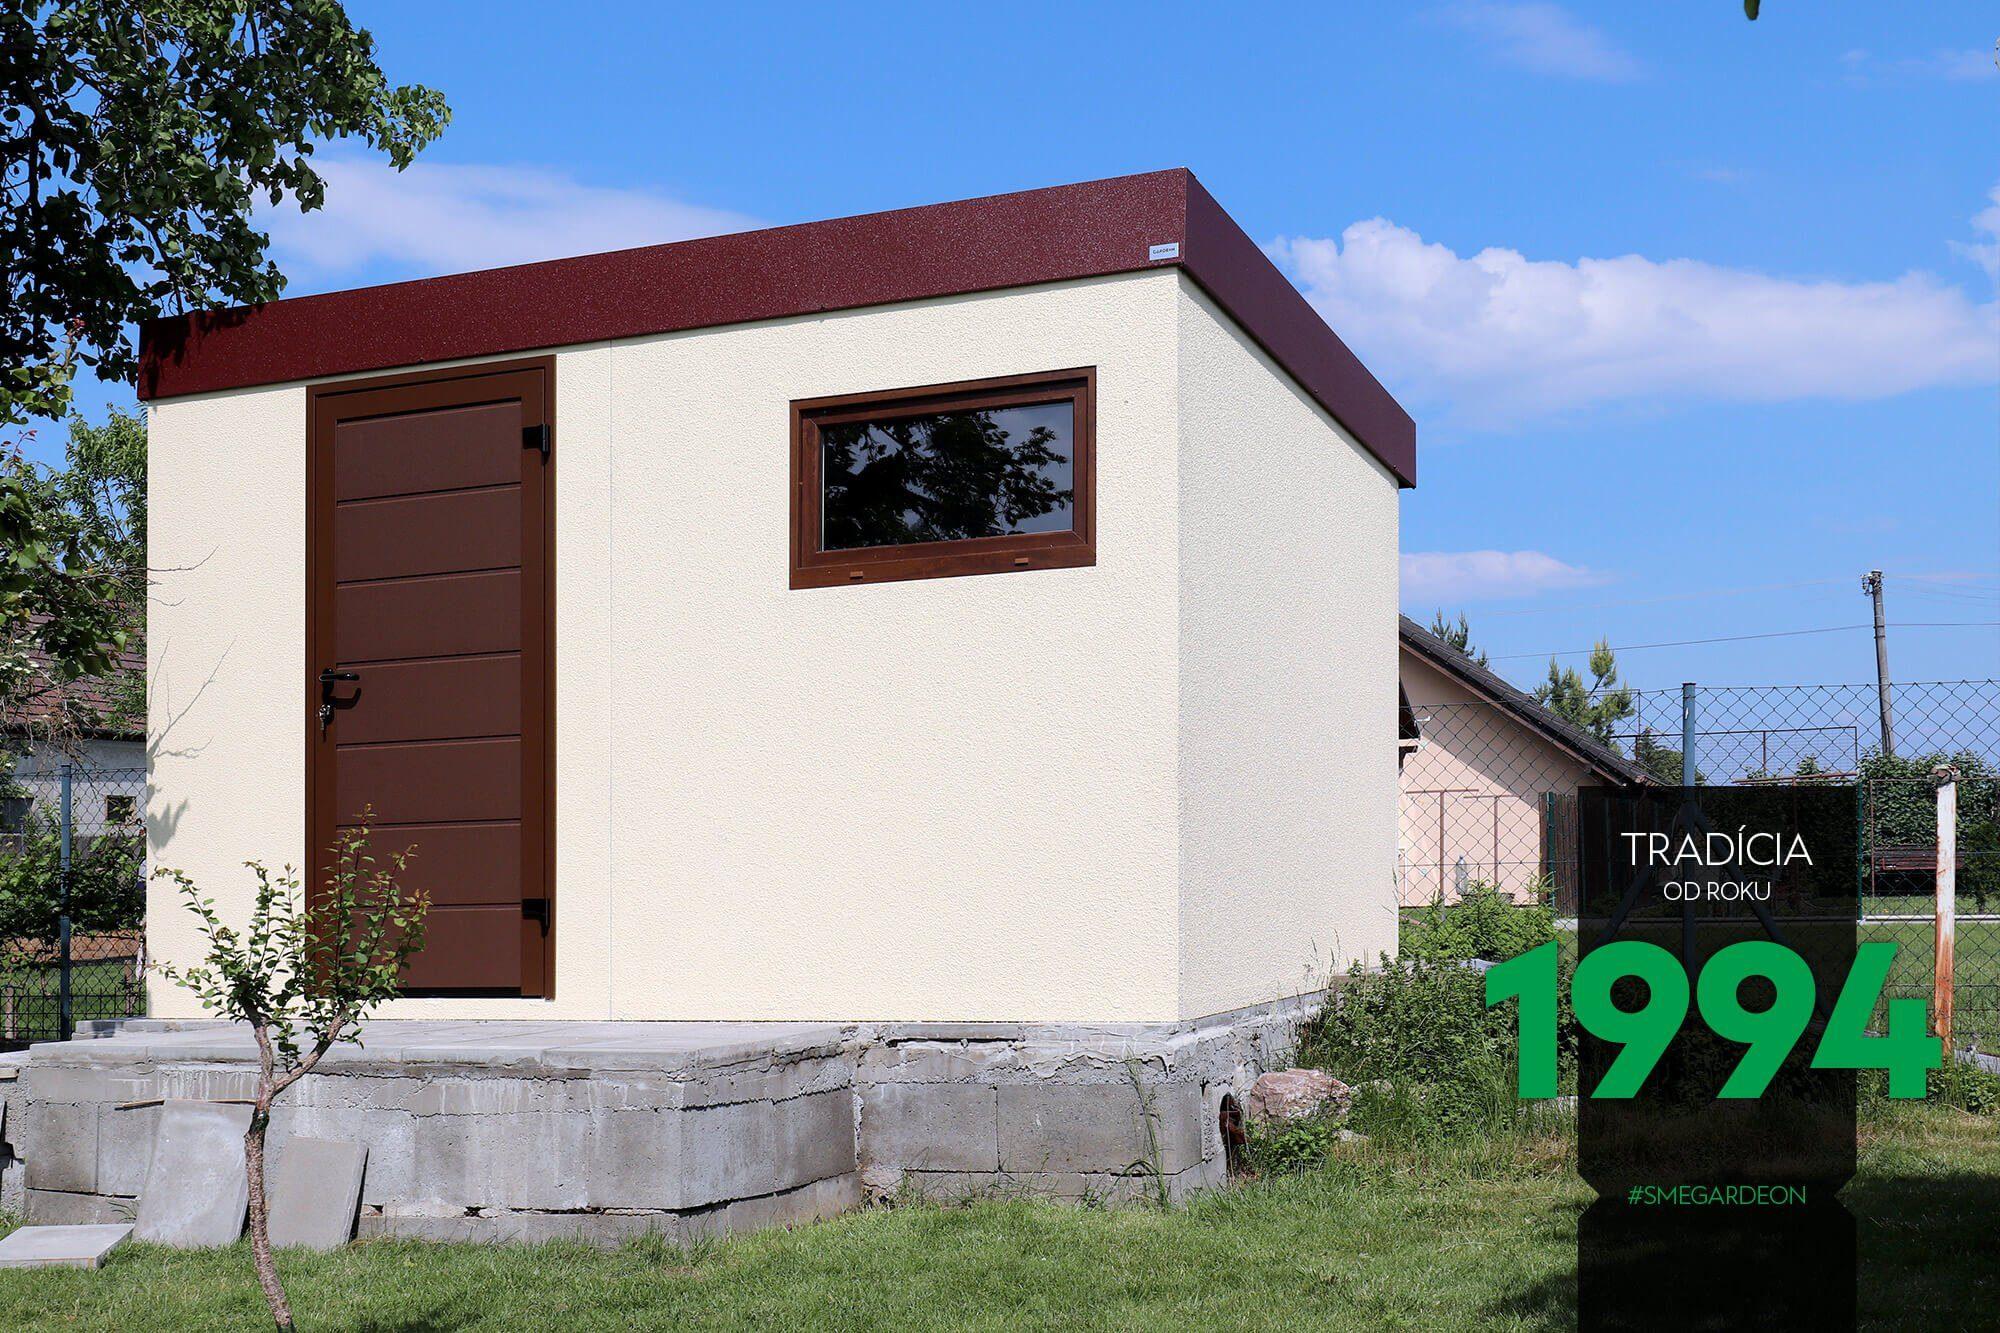 Ein minimalistisches Gartenhaus mit Fenster und Tür